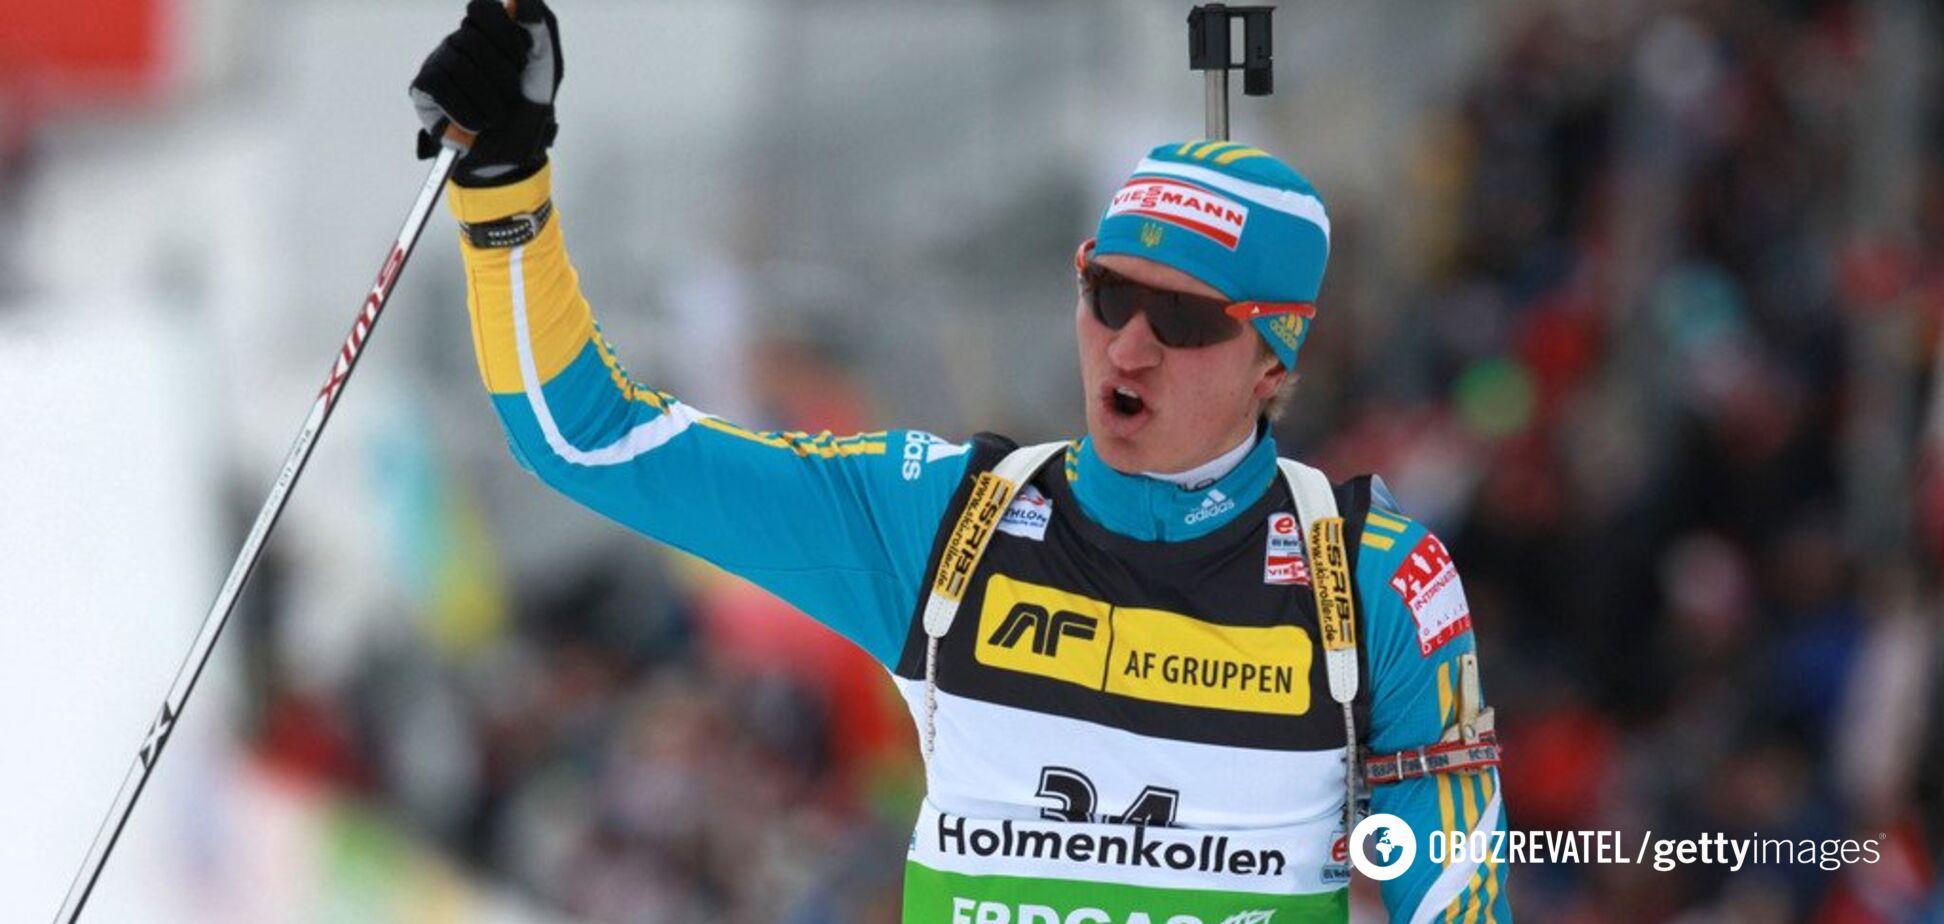 Семенов в топ-10: всі подробиці чоловічої 'індивідуалки' чемпіонату Європи з біатлону